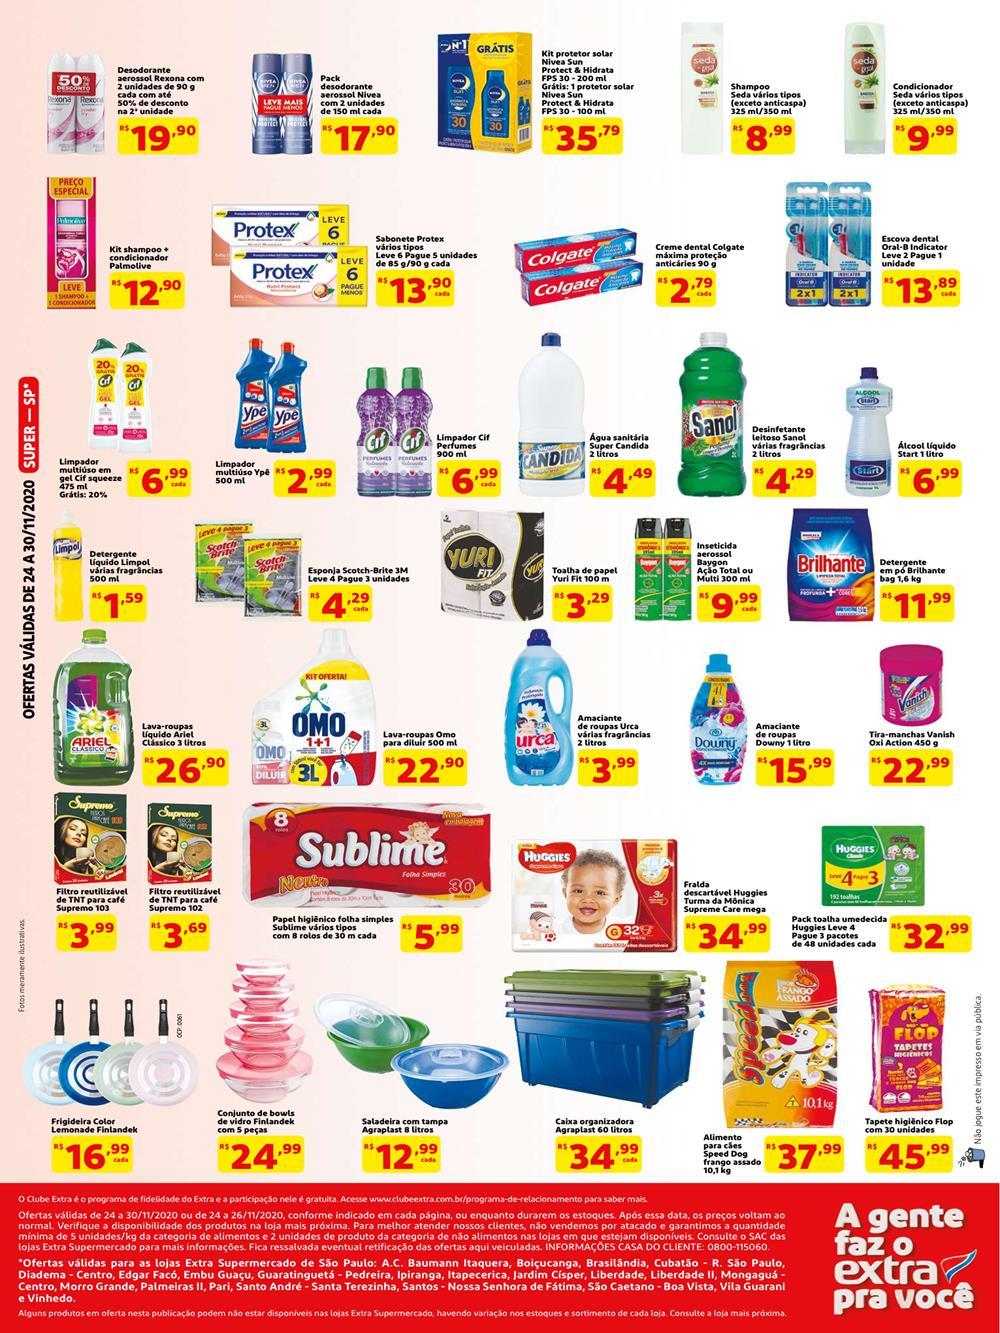 extra-ofertas-descontos-hoje13-9 Super Extra até 30/11